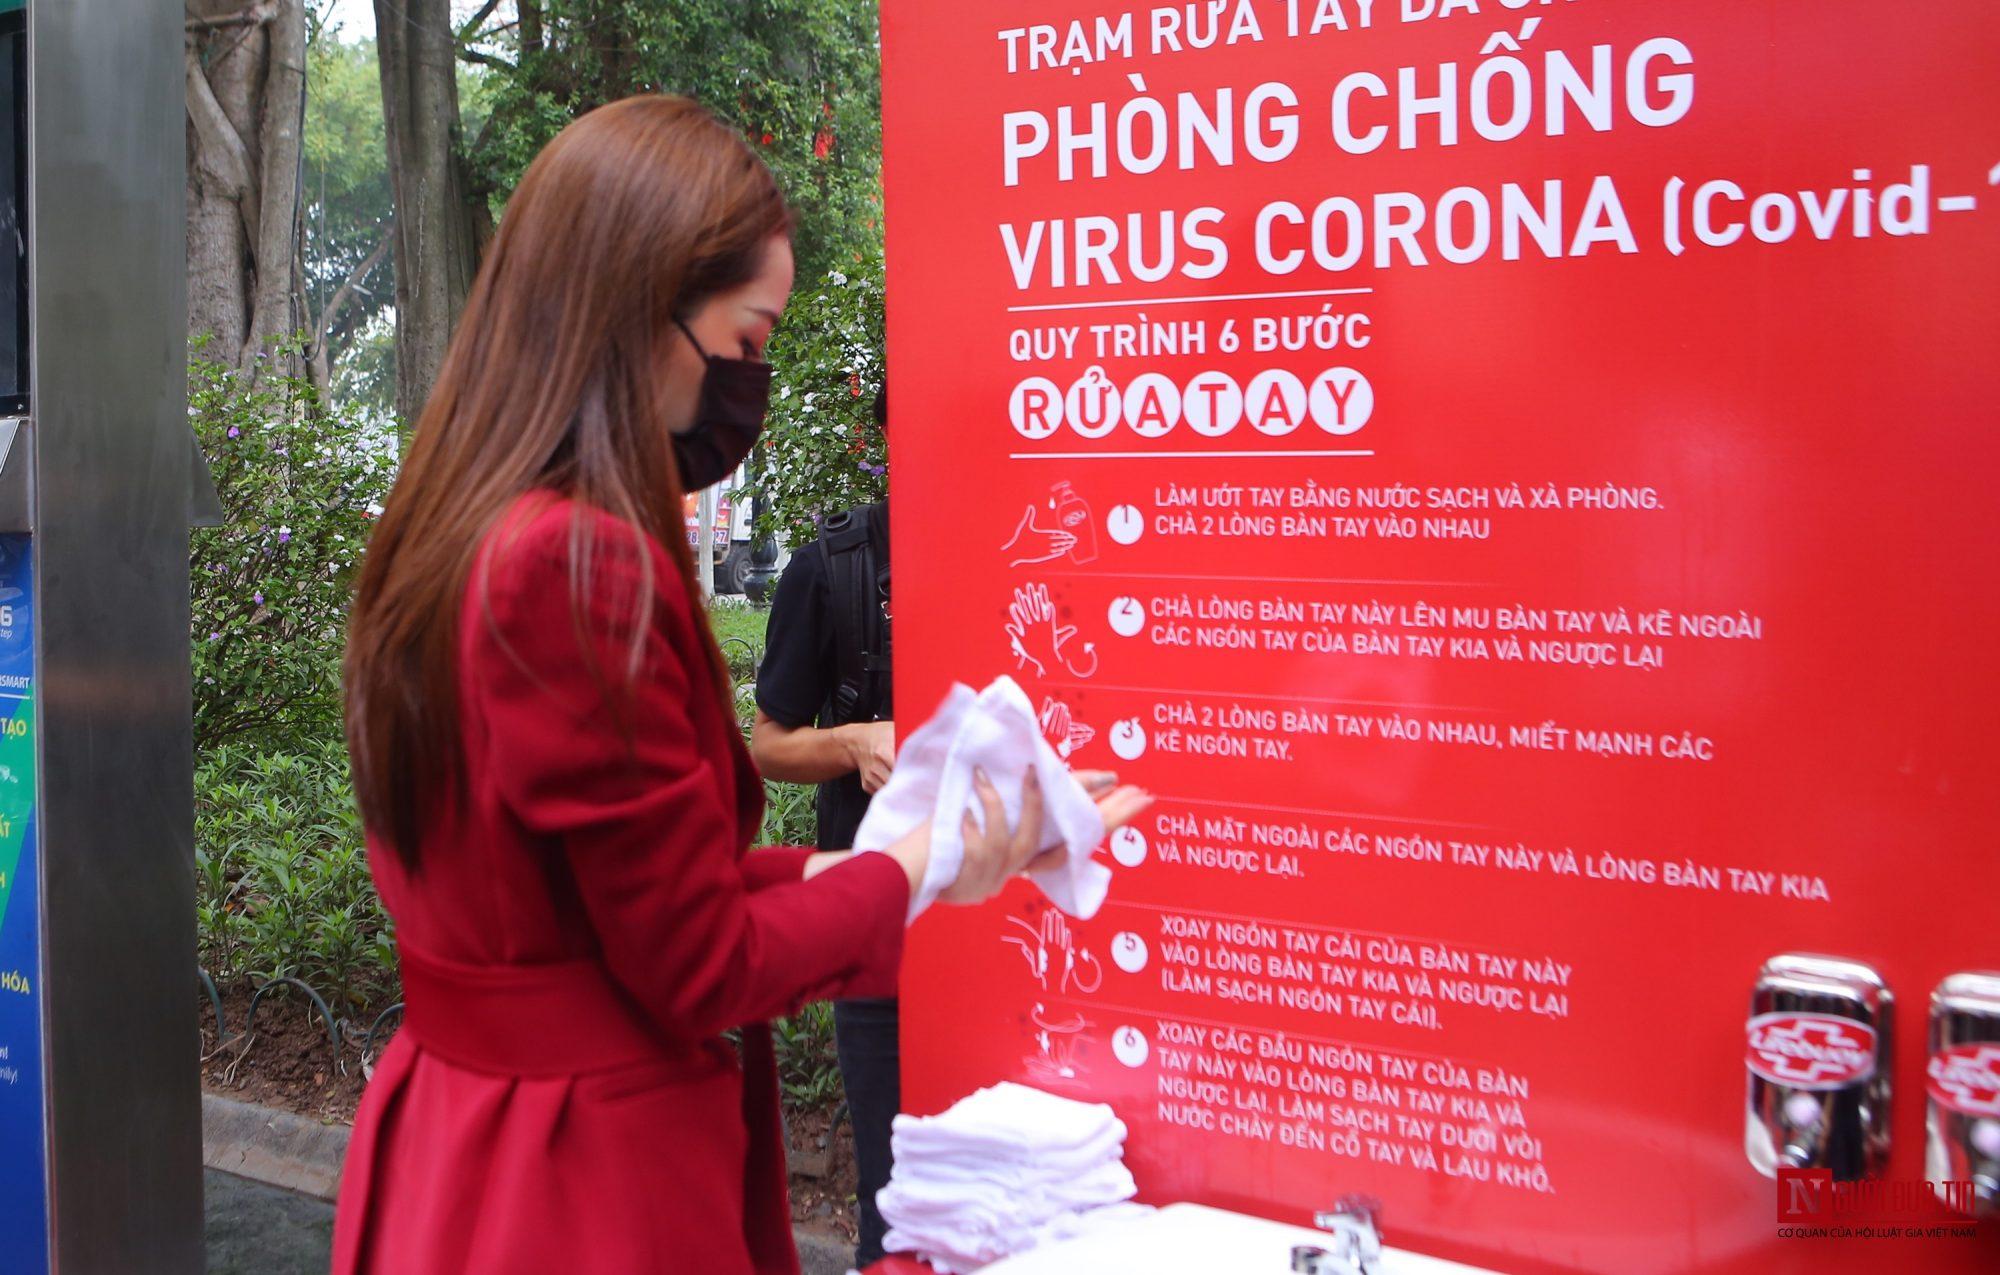 Sức khỏe - Chi Pu làm đại sứ của Quỹ 100 trạm rửa tay dã chiến phòng chống dịch Covid - 19 (Hình 11).